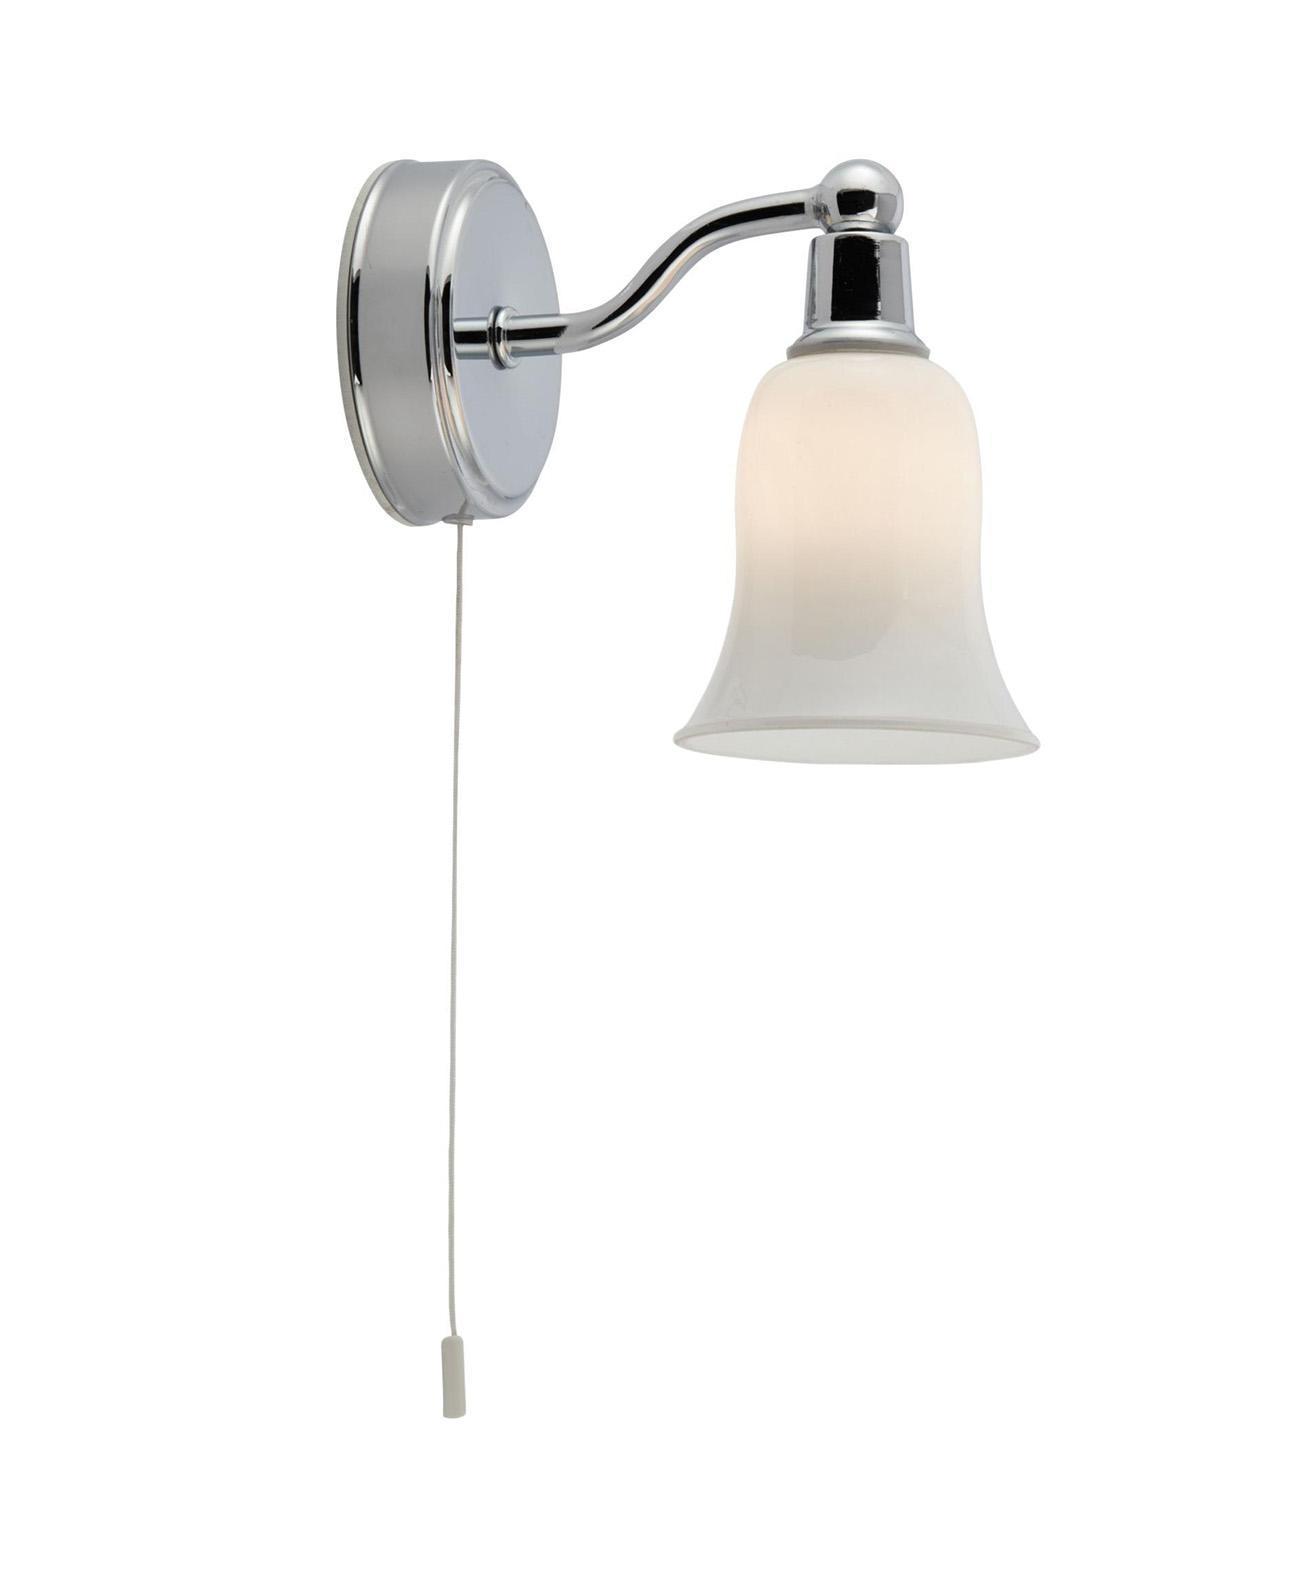 Светильник для ванной комнаты Arte lamp A2944ap-1cc